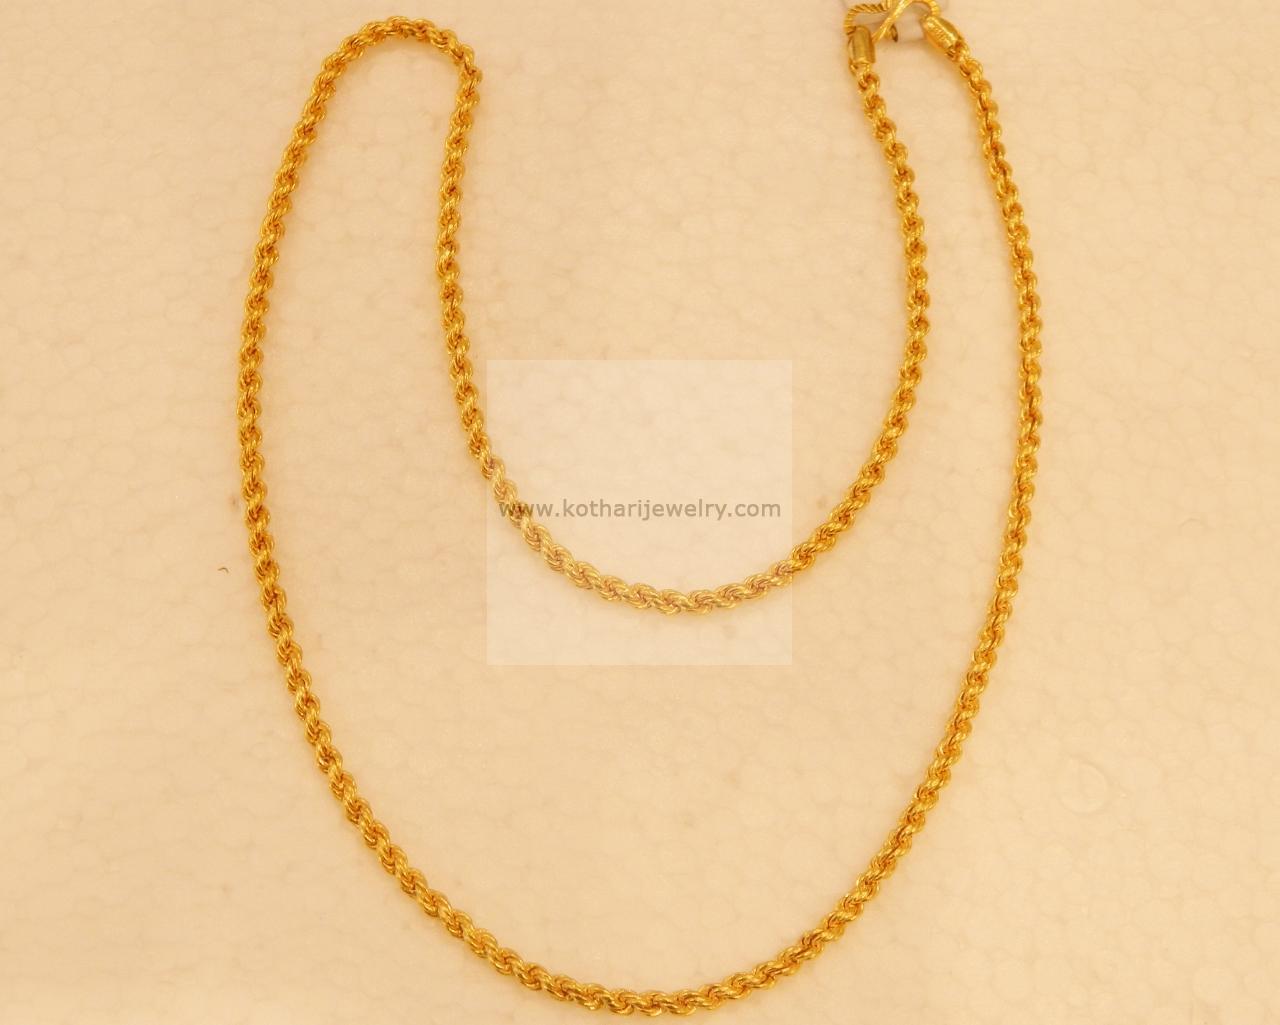 Female Gold Chain Design